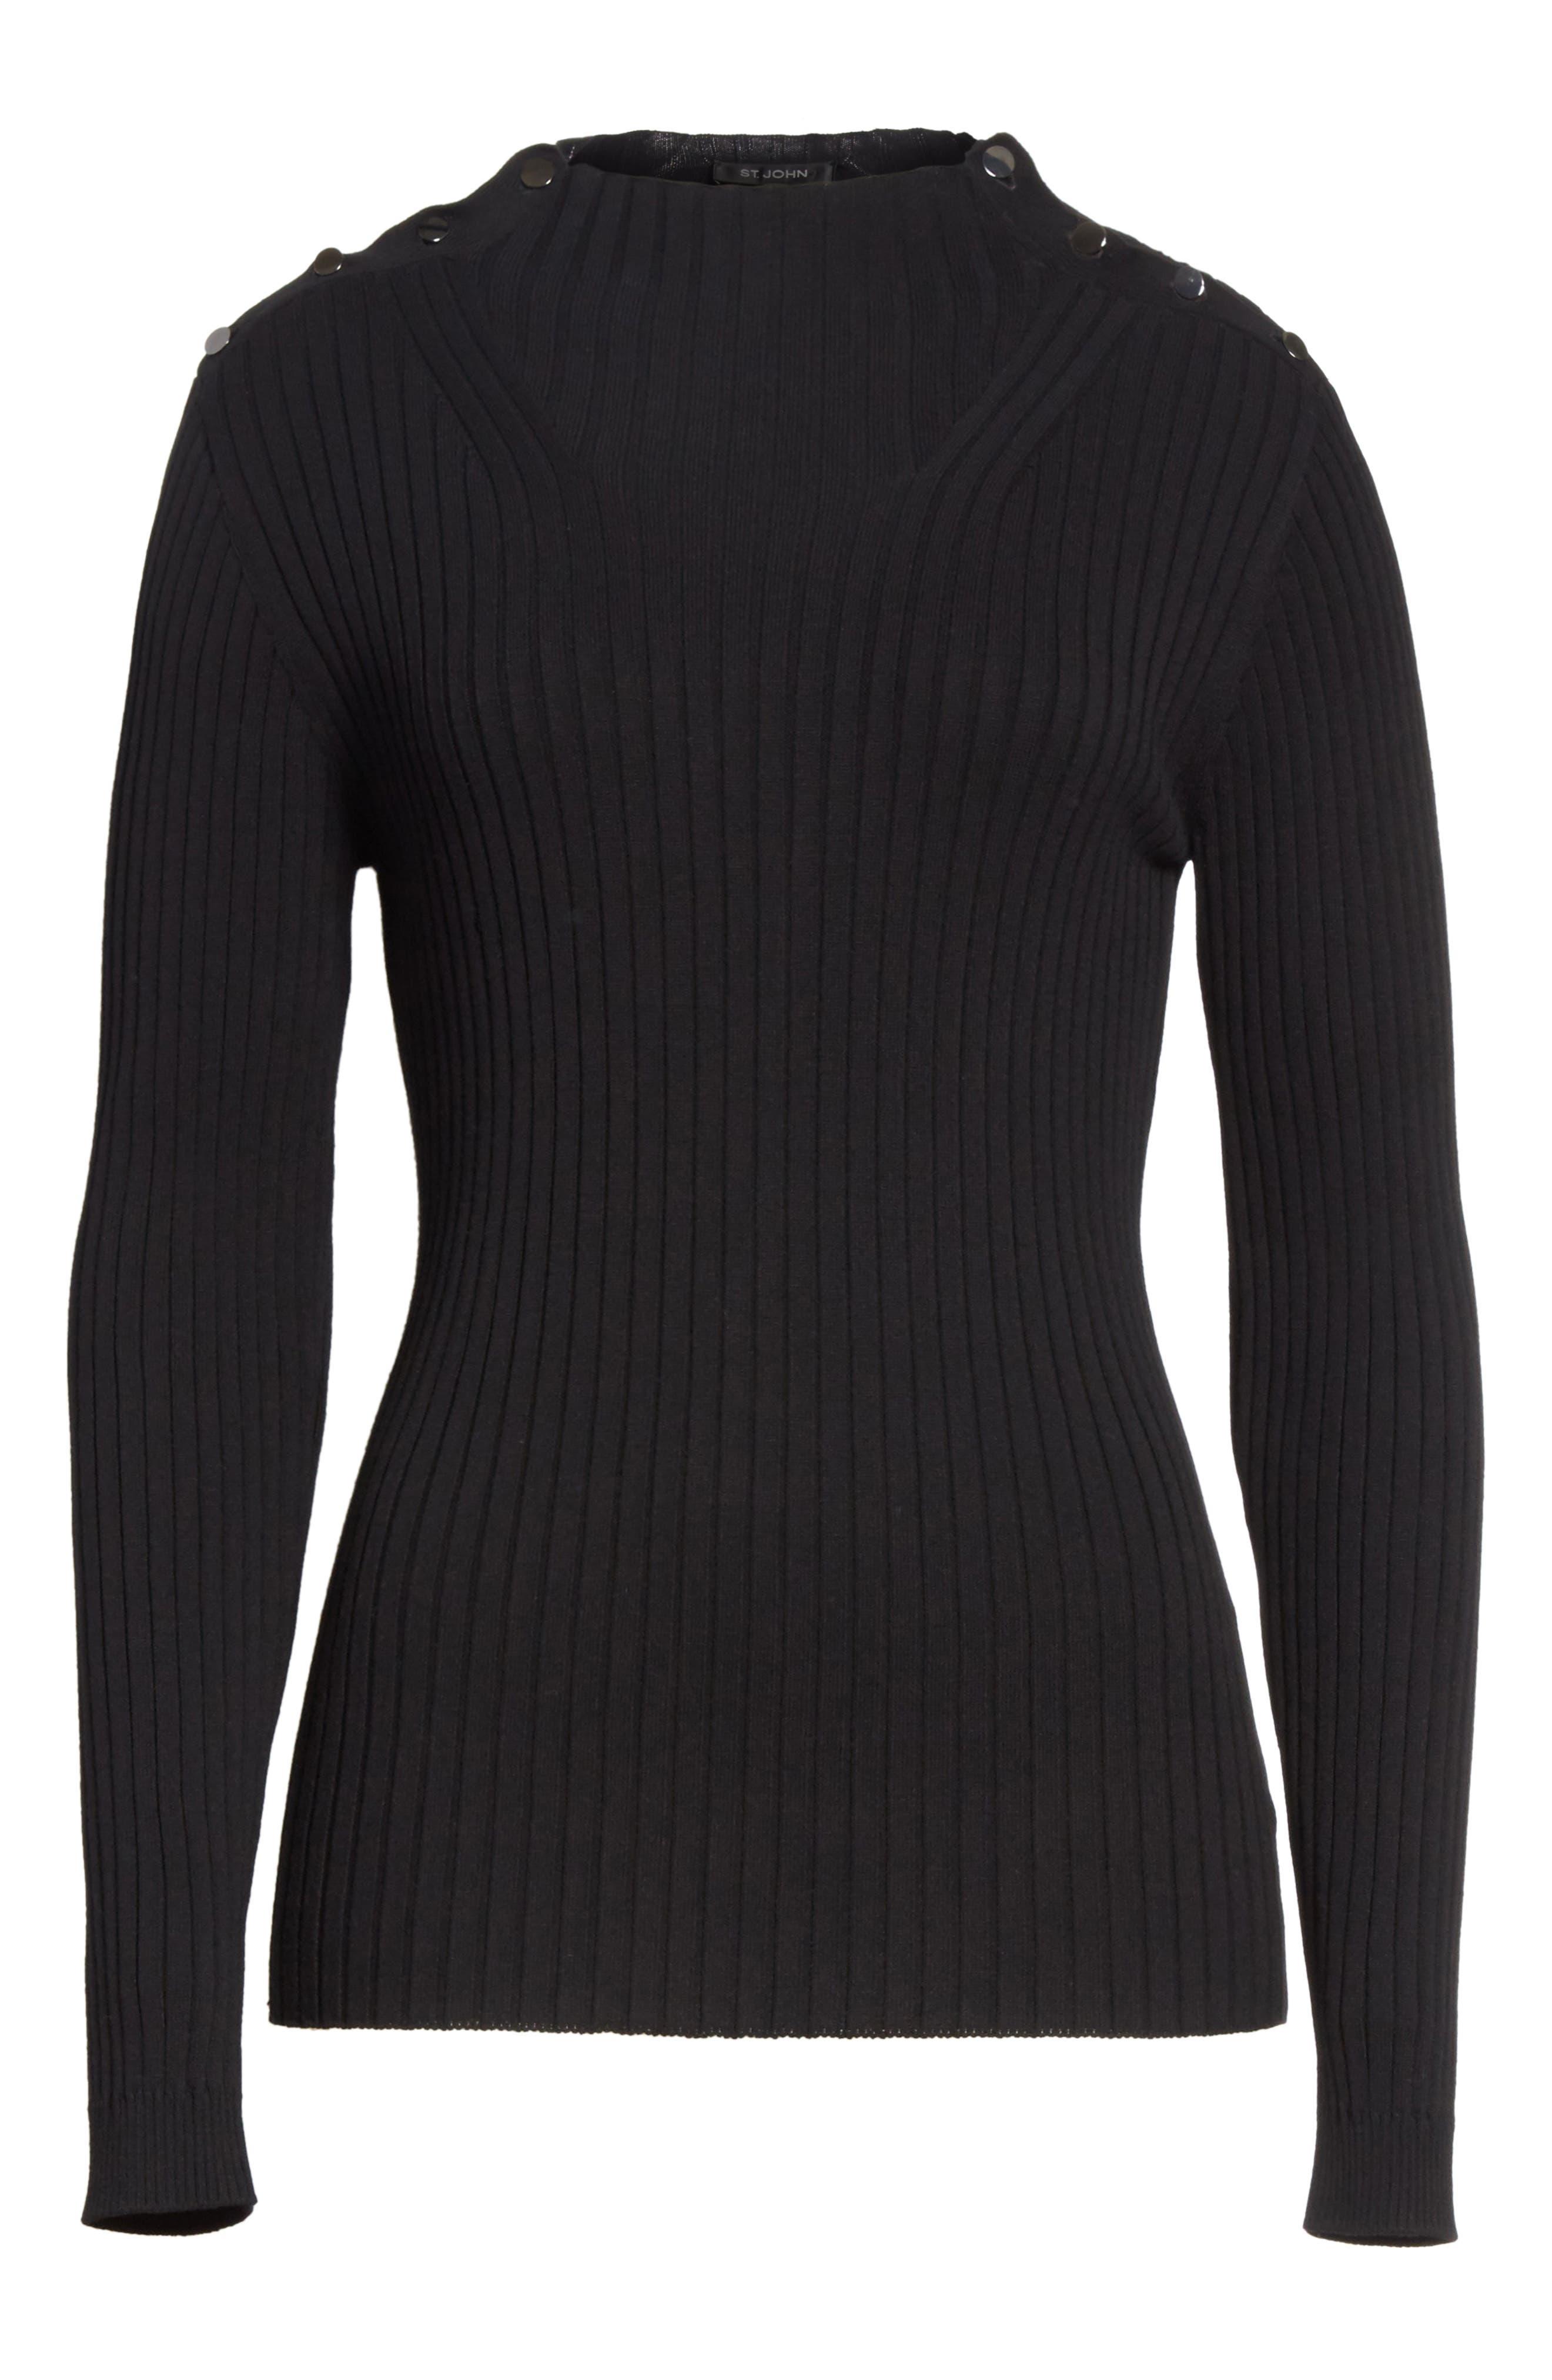 Flat Rib Knit Mock Neck Sweater,                             Alternate thumbnail 6, color,                             001